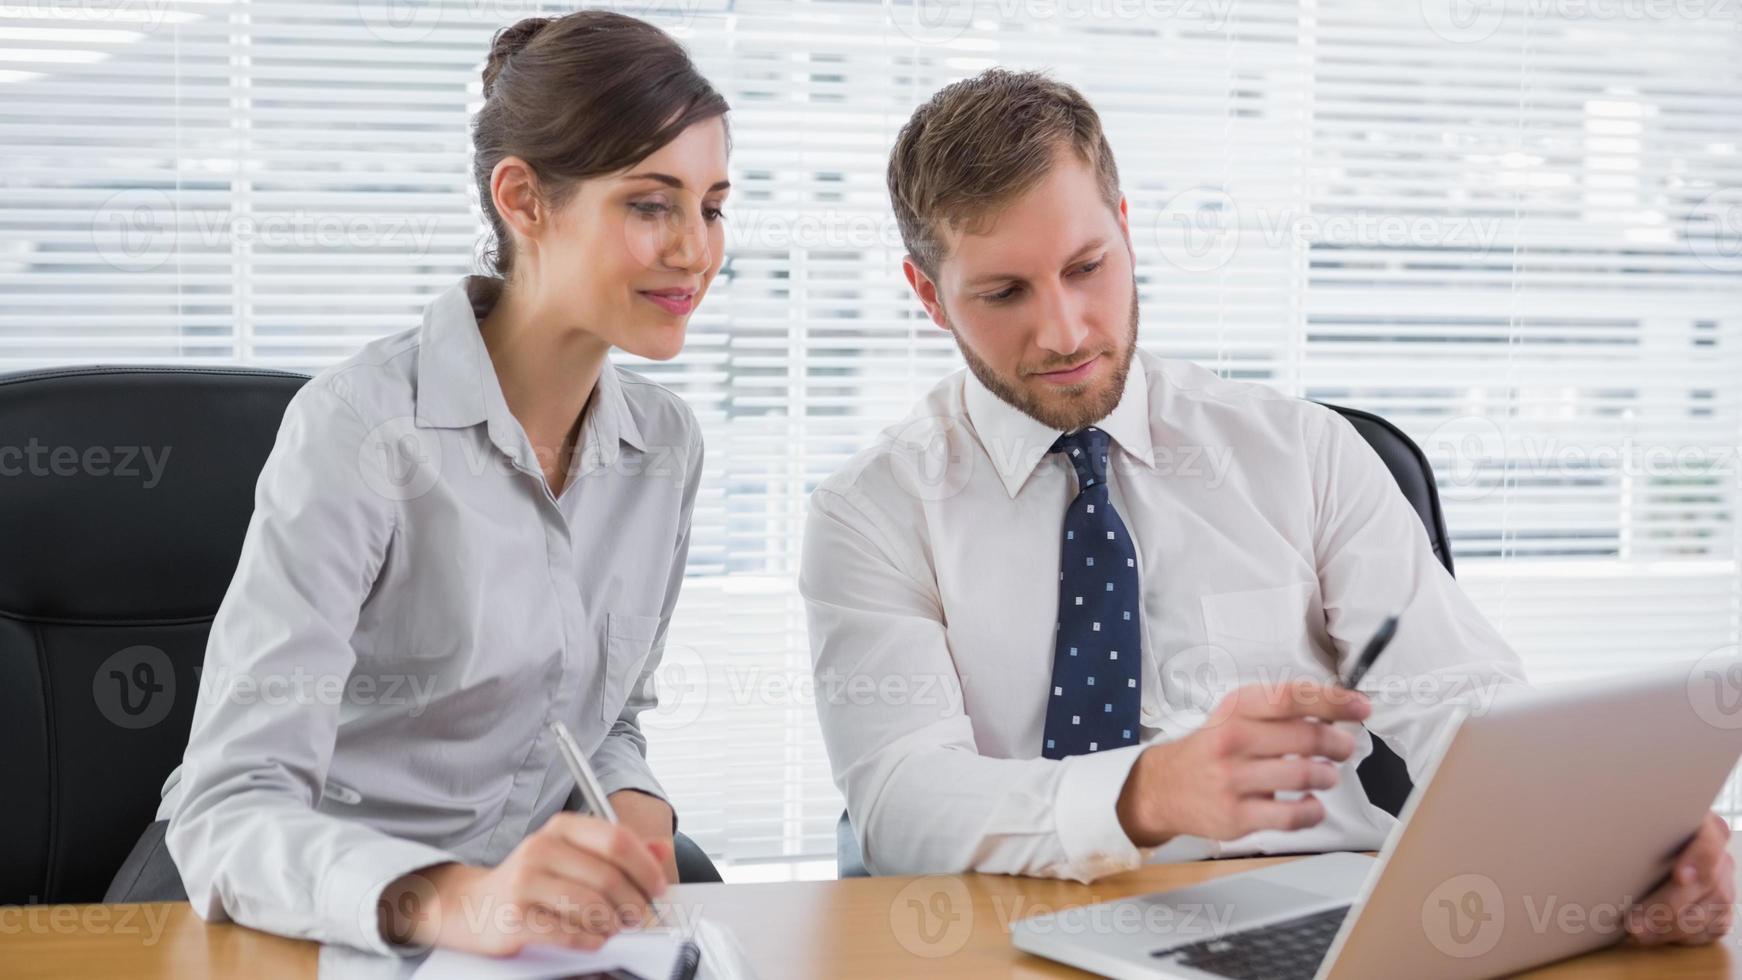 affärsmän som arbetar tillsammans med bärbar dator foto